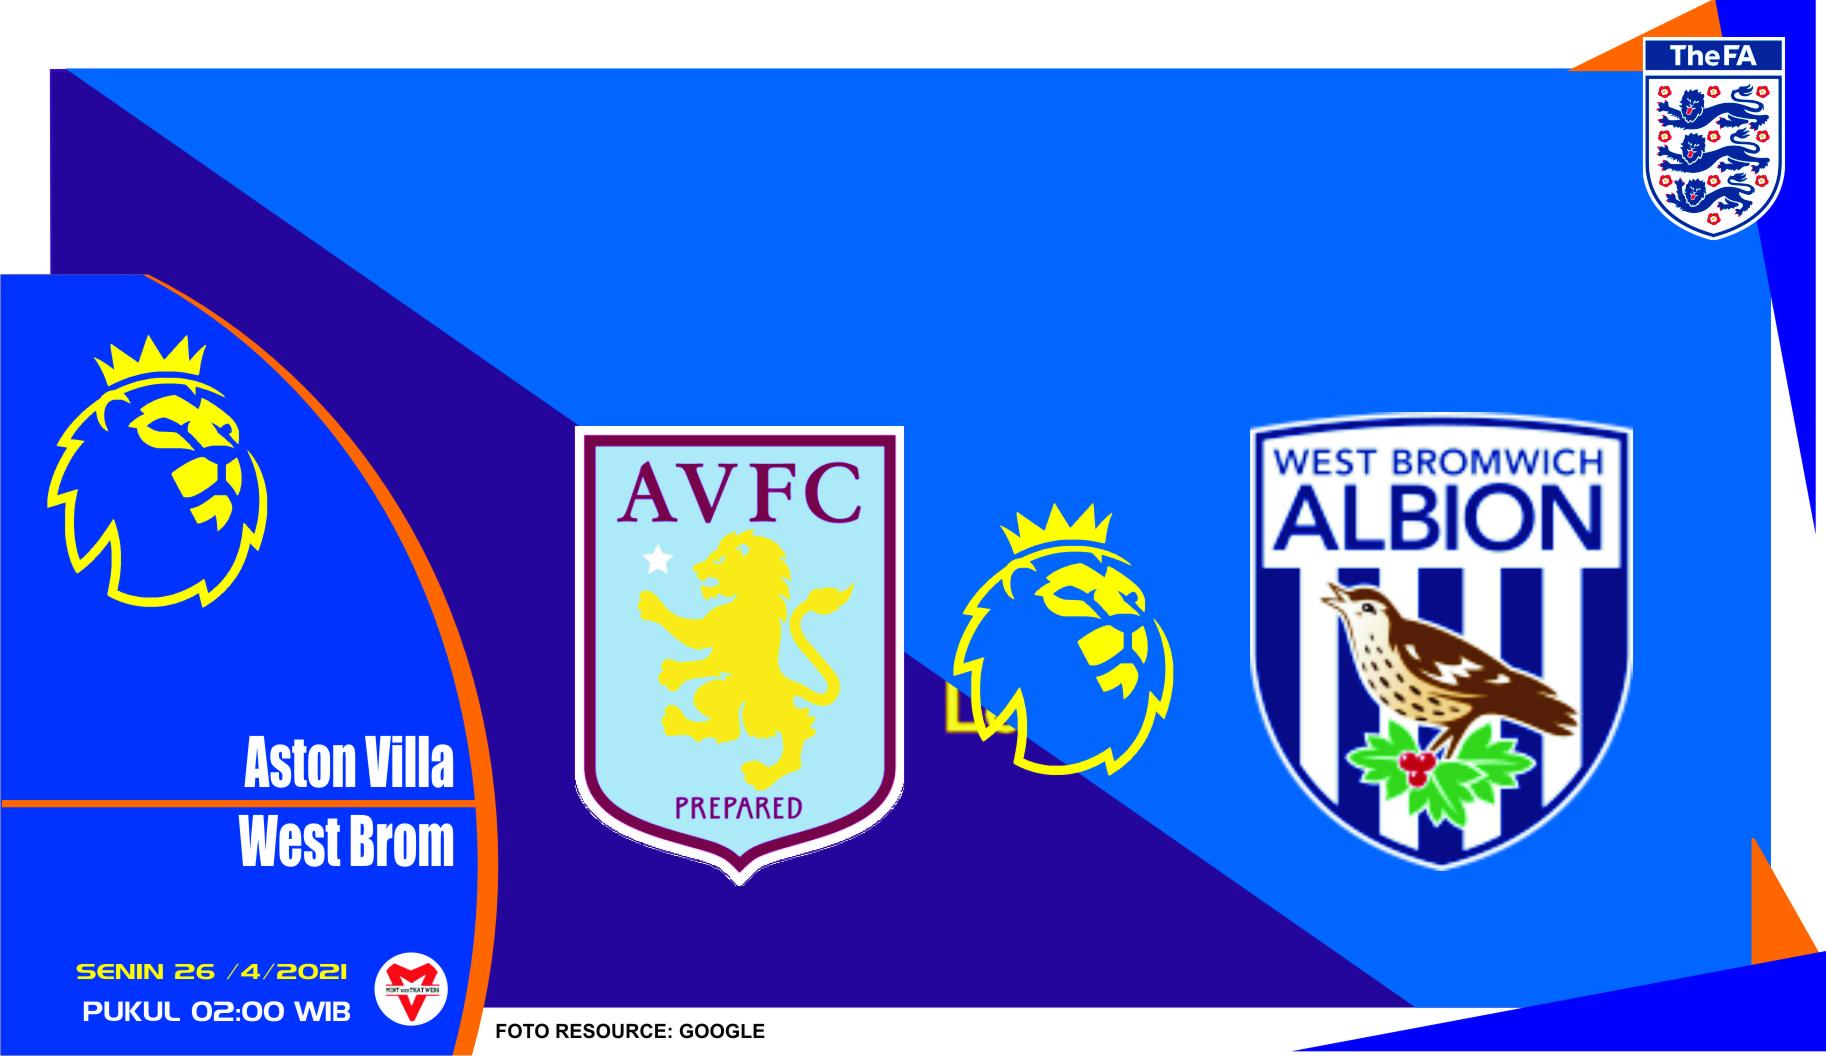 Prediksi Liga Inggris: Aston Villa vs West Bromwich - 26 April 2021